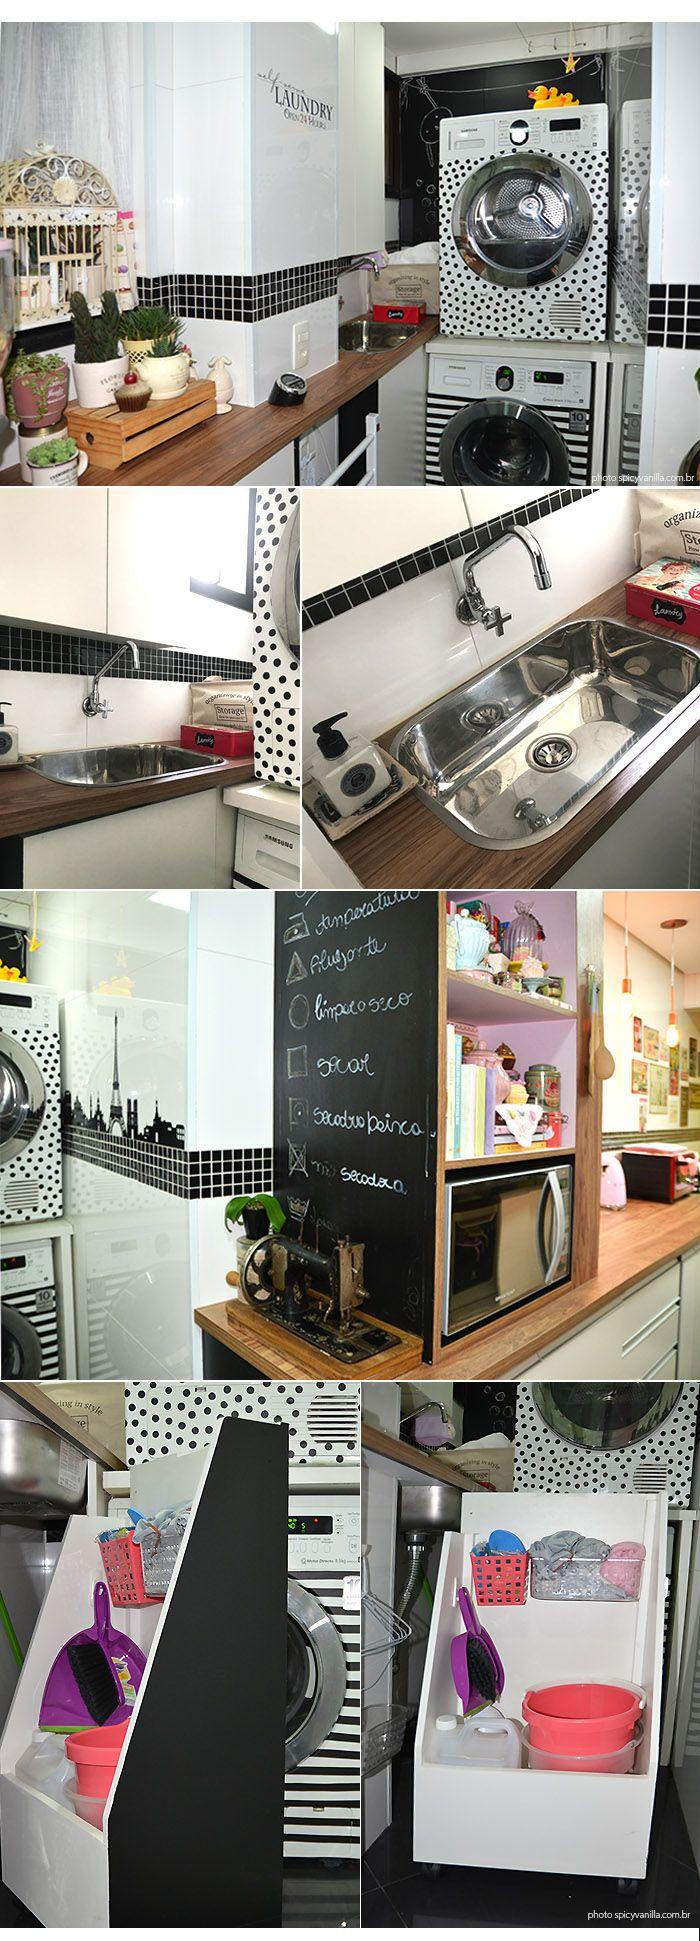 Siga @makeupatelier Tour pela minha nova cozinha / lavanderia | Estilo retrô, tons pastel, geladeira rosa.  Veja o tour em vídeo e mais fotos aqui: http://www.makeupatelier.com.br/2017/07/tour-pela-minha-nova-cozinha-estilo-retro-tons-pastel-geladeira-rosa-e-muitas-fofuras/  #kitchen, retrô, vintage, rosa, pink, antiga, cozinha,decor, decoração, dicas,kitchenaid,smeg,